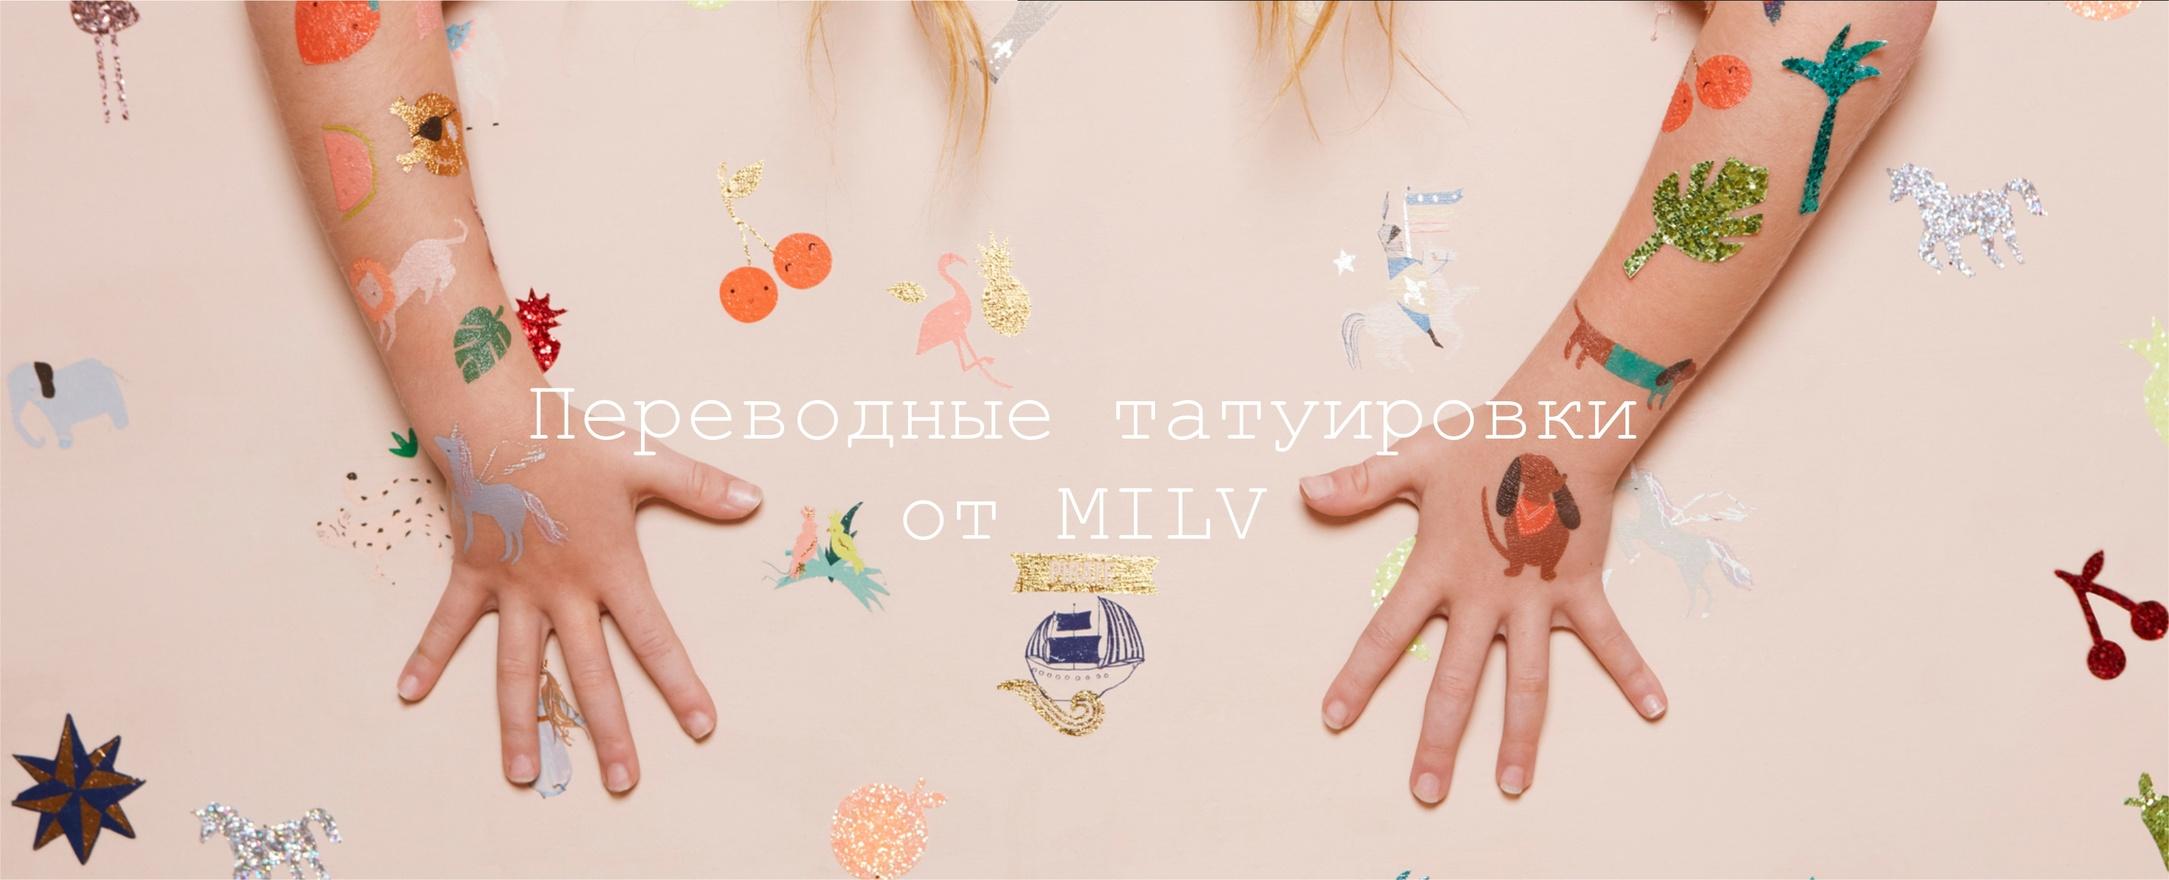 переводные татуировки MILV